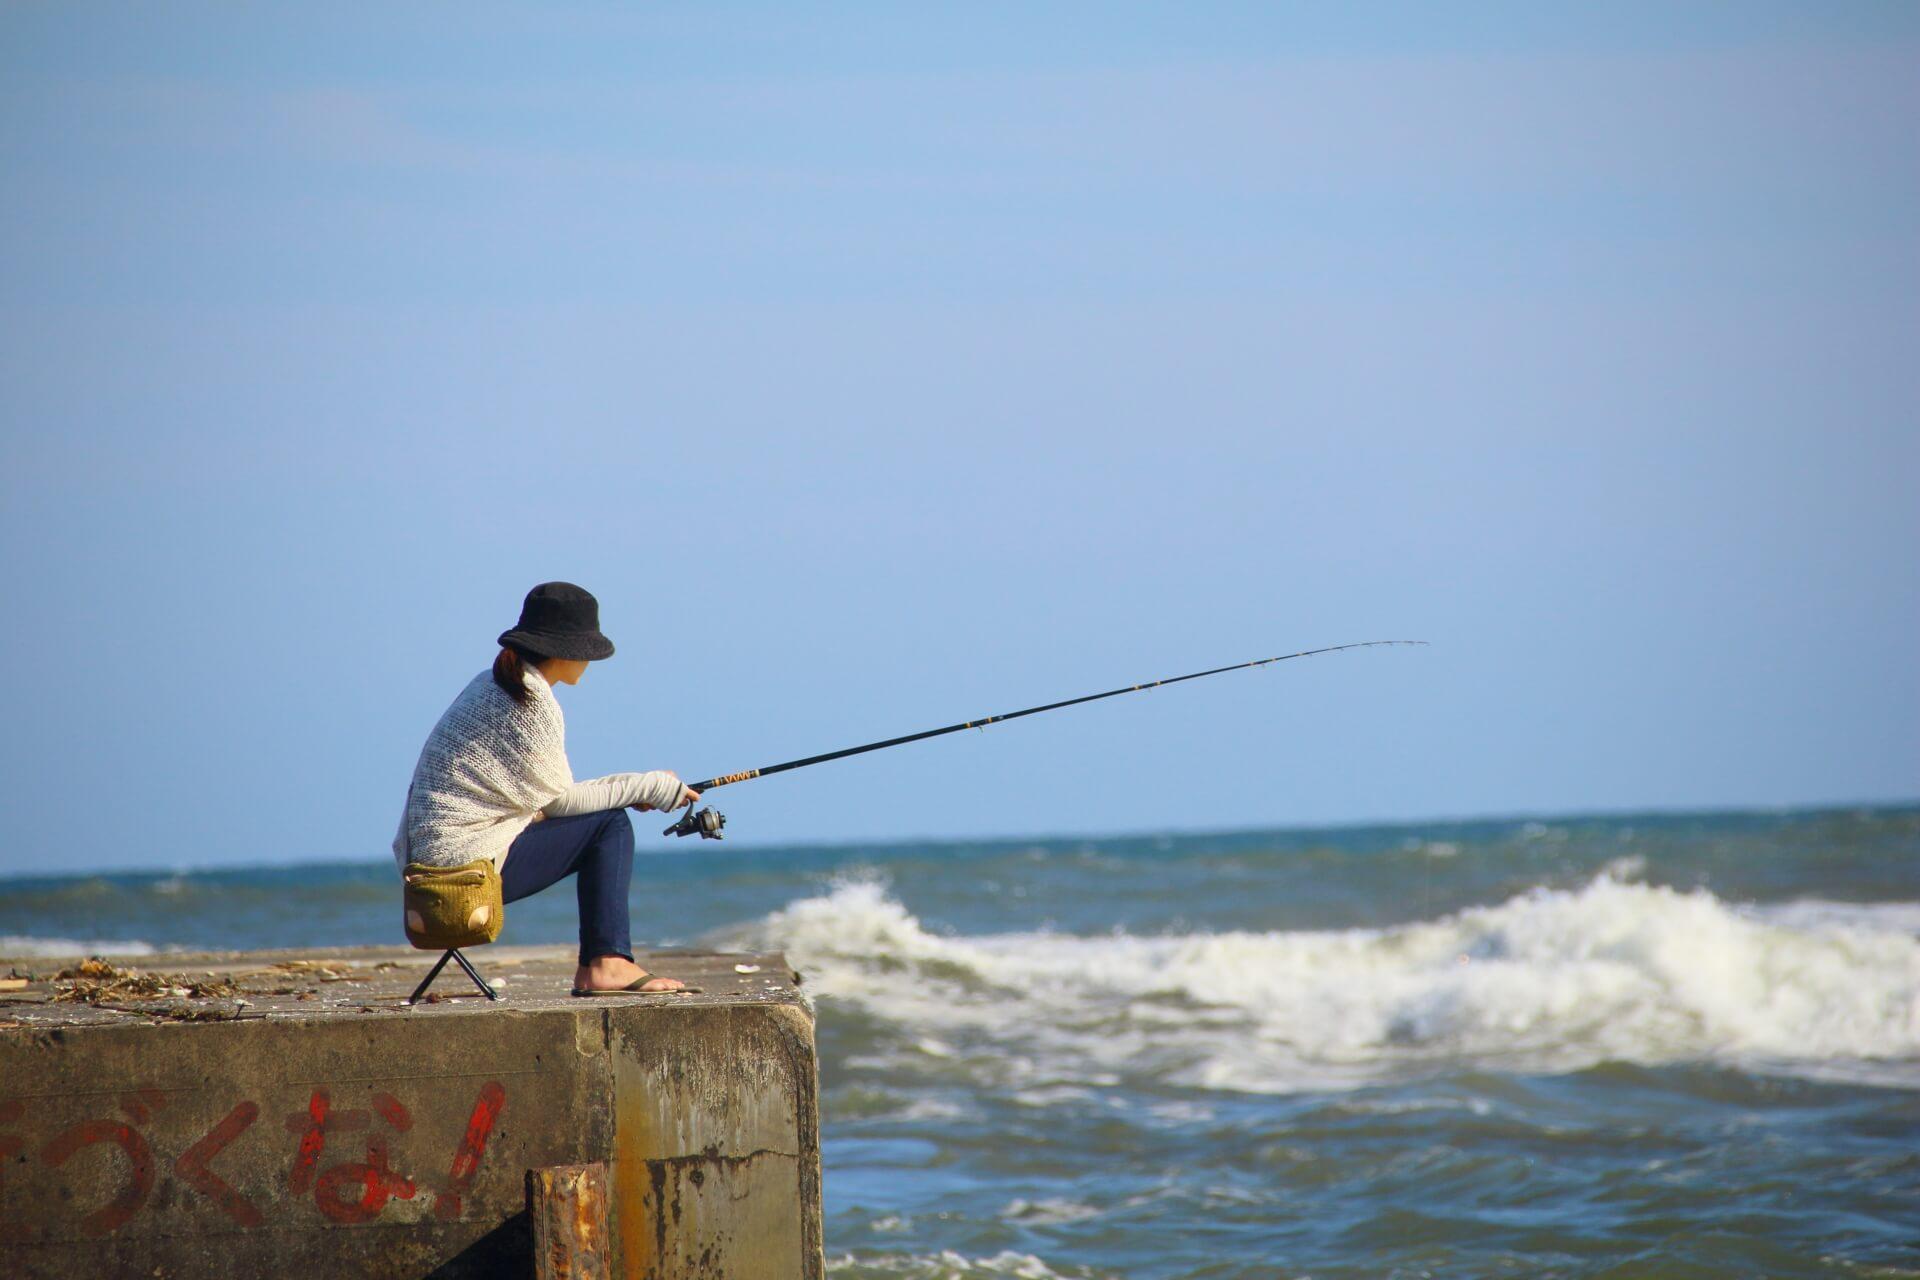 釣りをするなら一匹でも多く釣ろう!魚が釣れる時間帯はいつ頃?